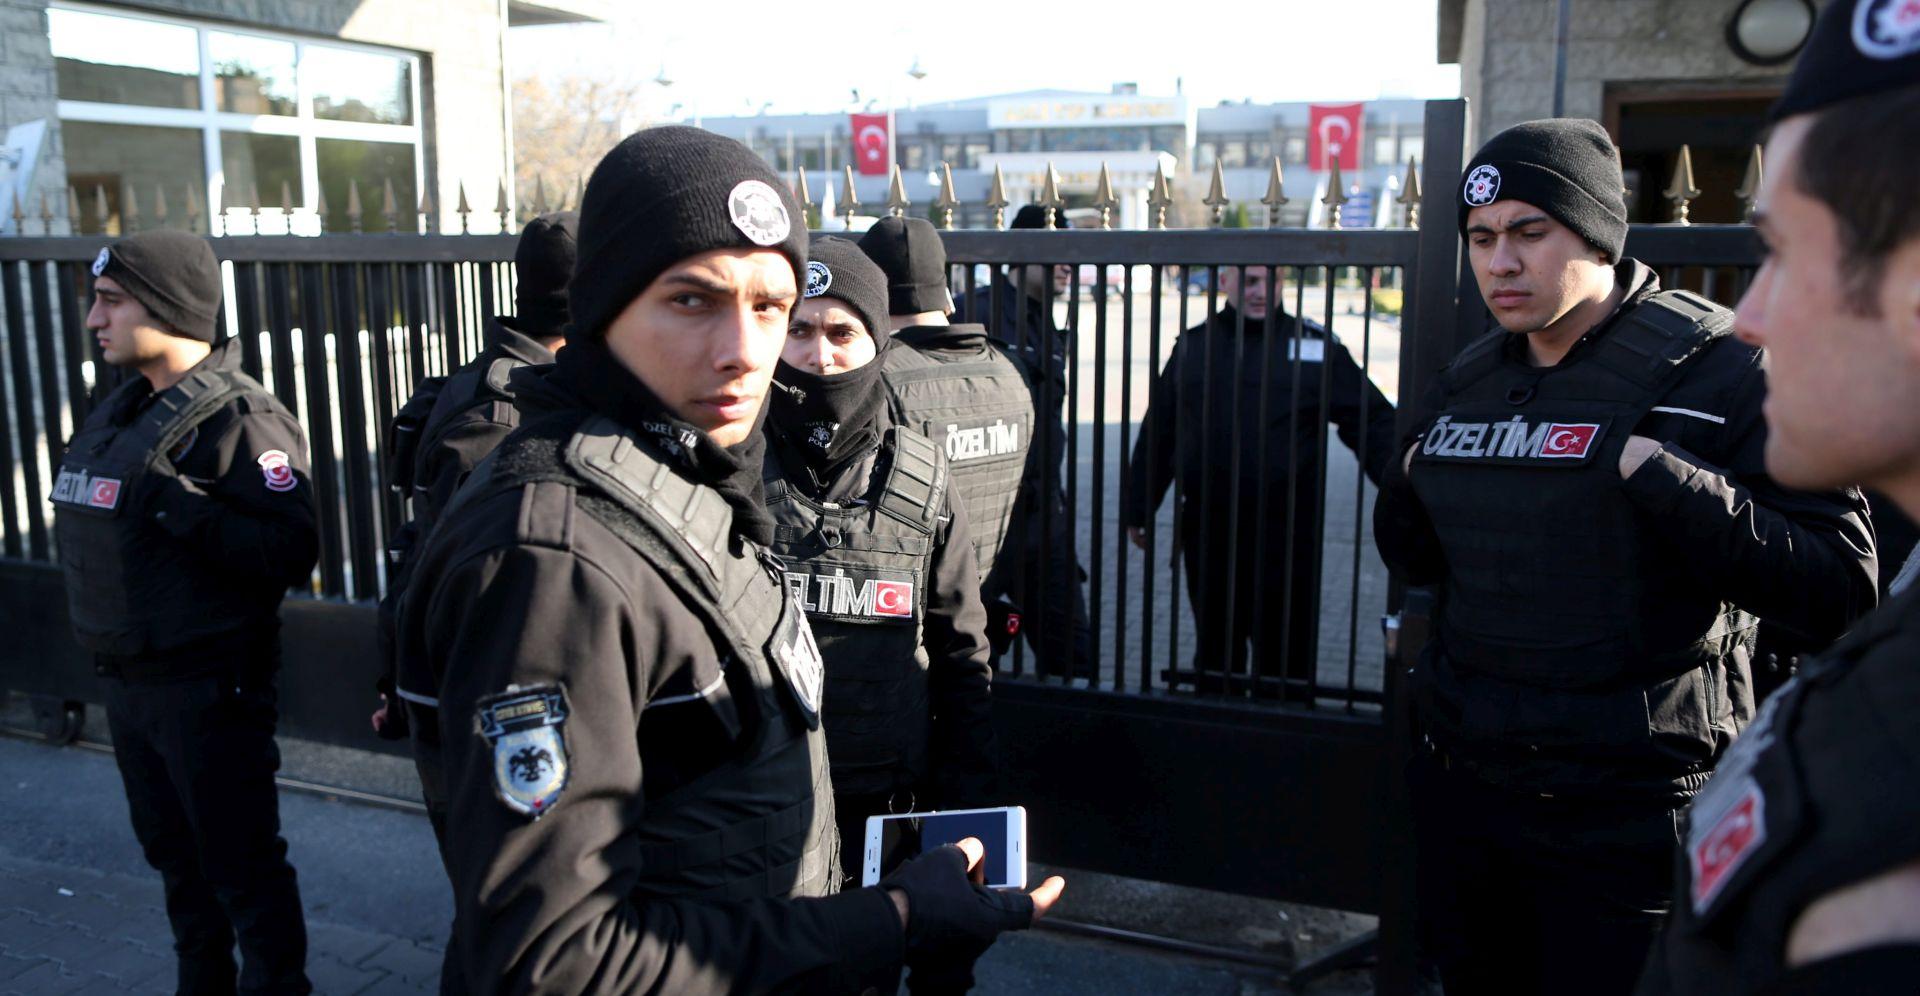 TURSKA Vlada sumnja na PKK, u napadu korišteno 300-400 kilograma eksploziva